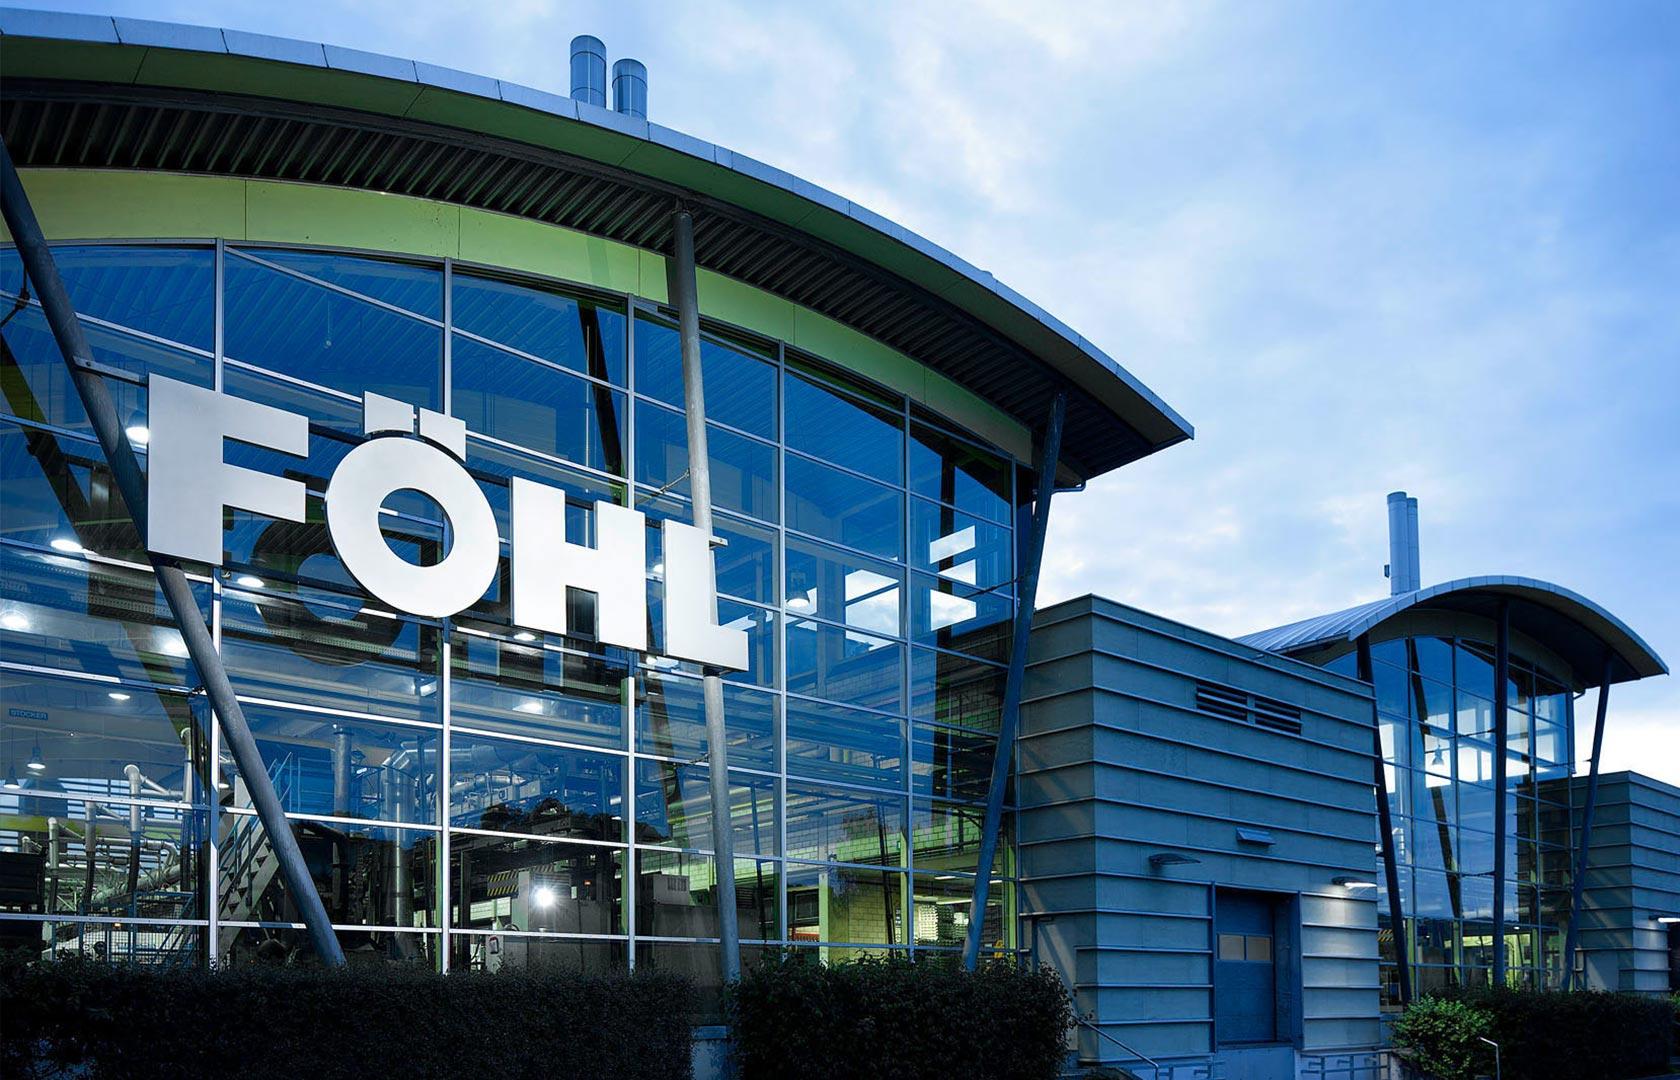 Adolf Föhl GmbH: Werk 3